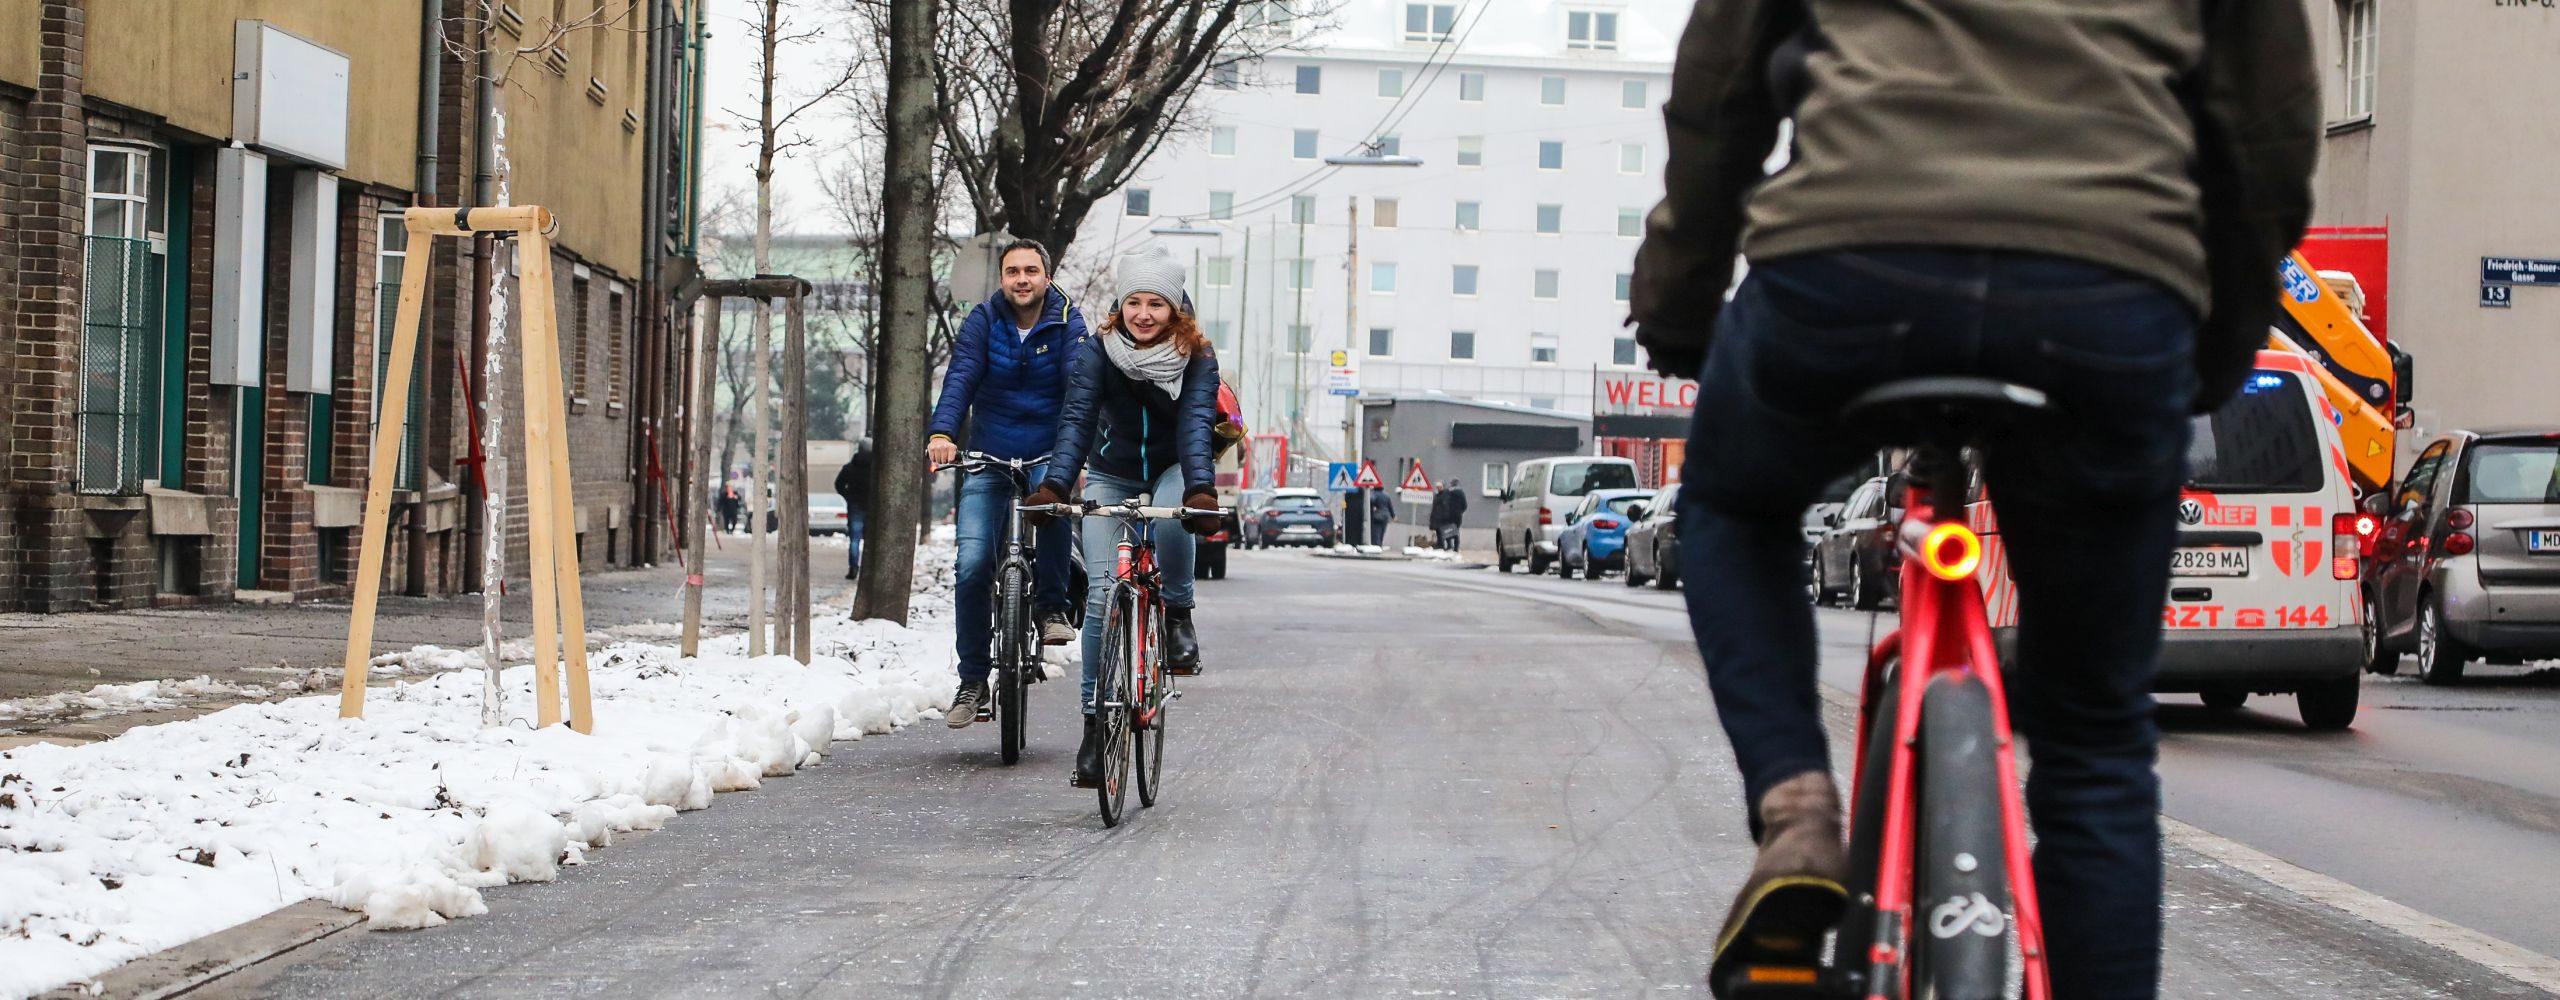 Eine Frau und ein Mann fahren auf dem neuen Radweg entlang der Favoritenstraße, ein Radfahrer kommt ihnen entgegen. Foto aufgenommen von Christian Fürthner